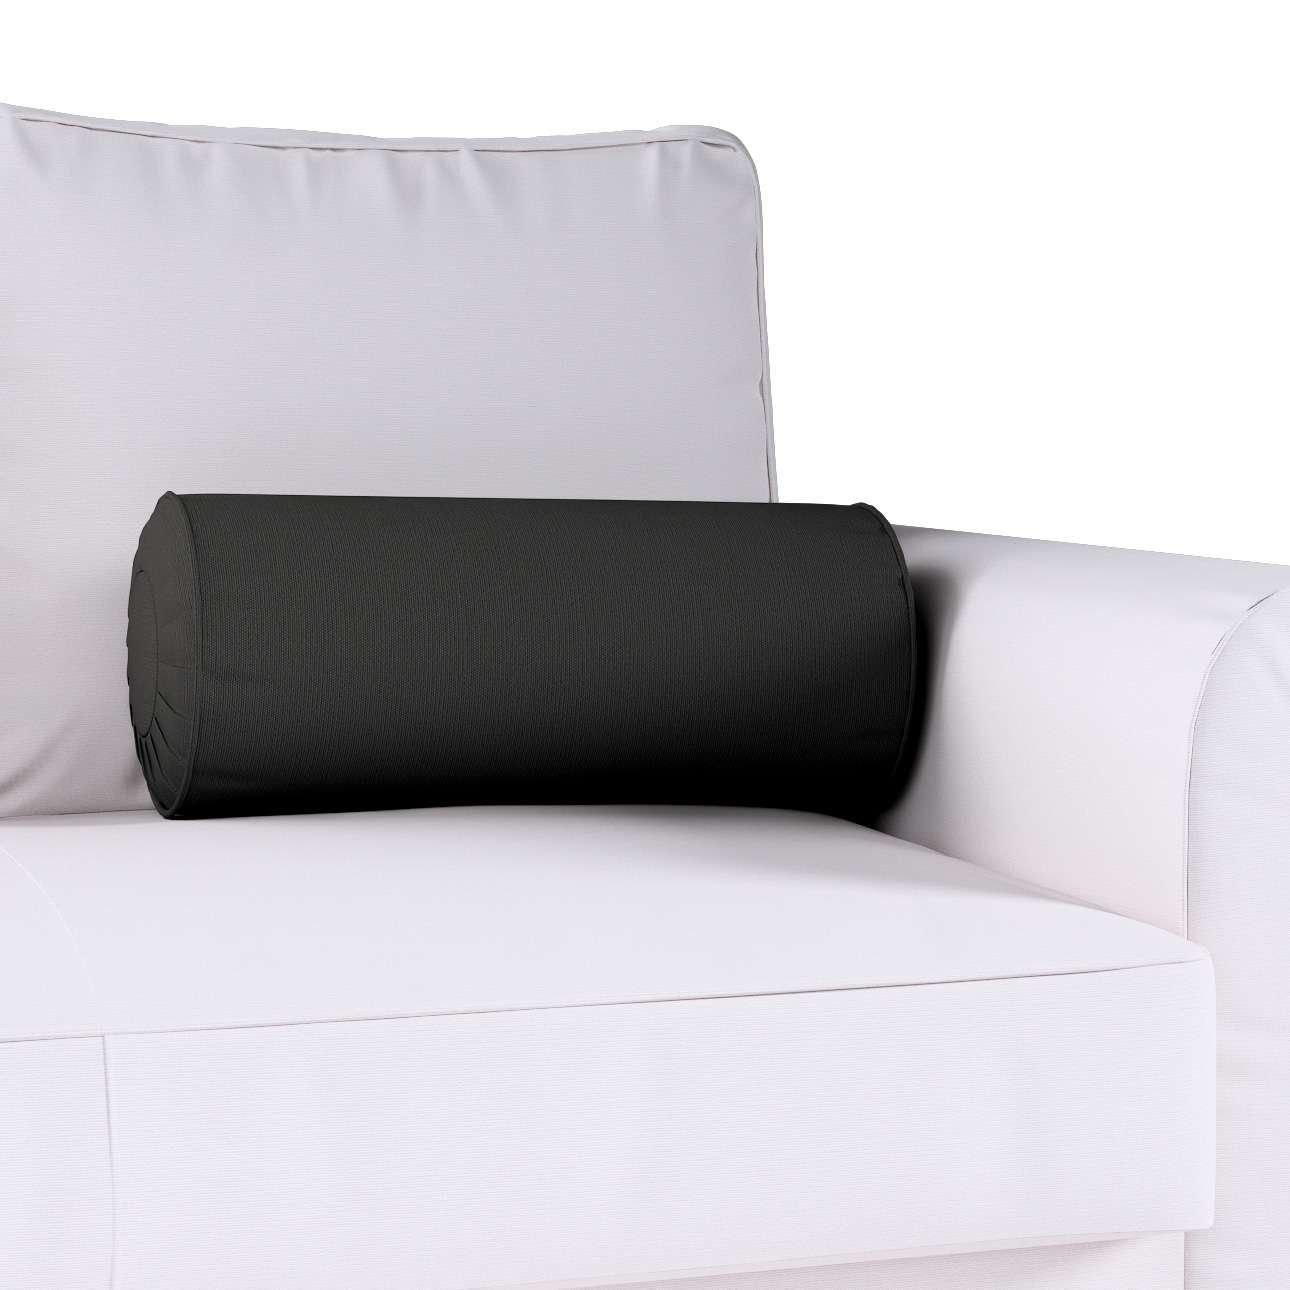 Nackenrolle mit Falten Ø 20 x 50 cm von der Kollektion Cotton Panama, Stoff: 702-08